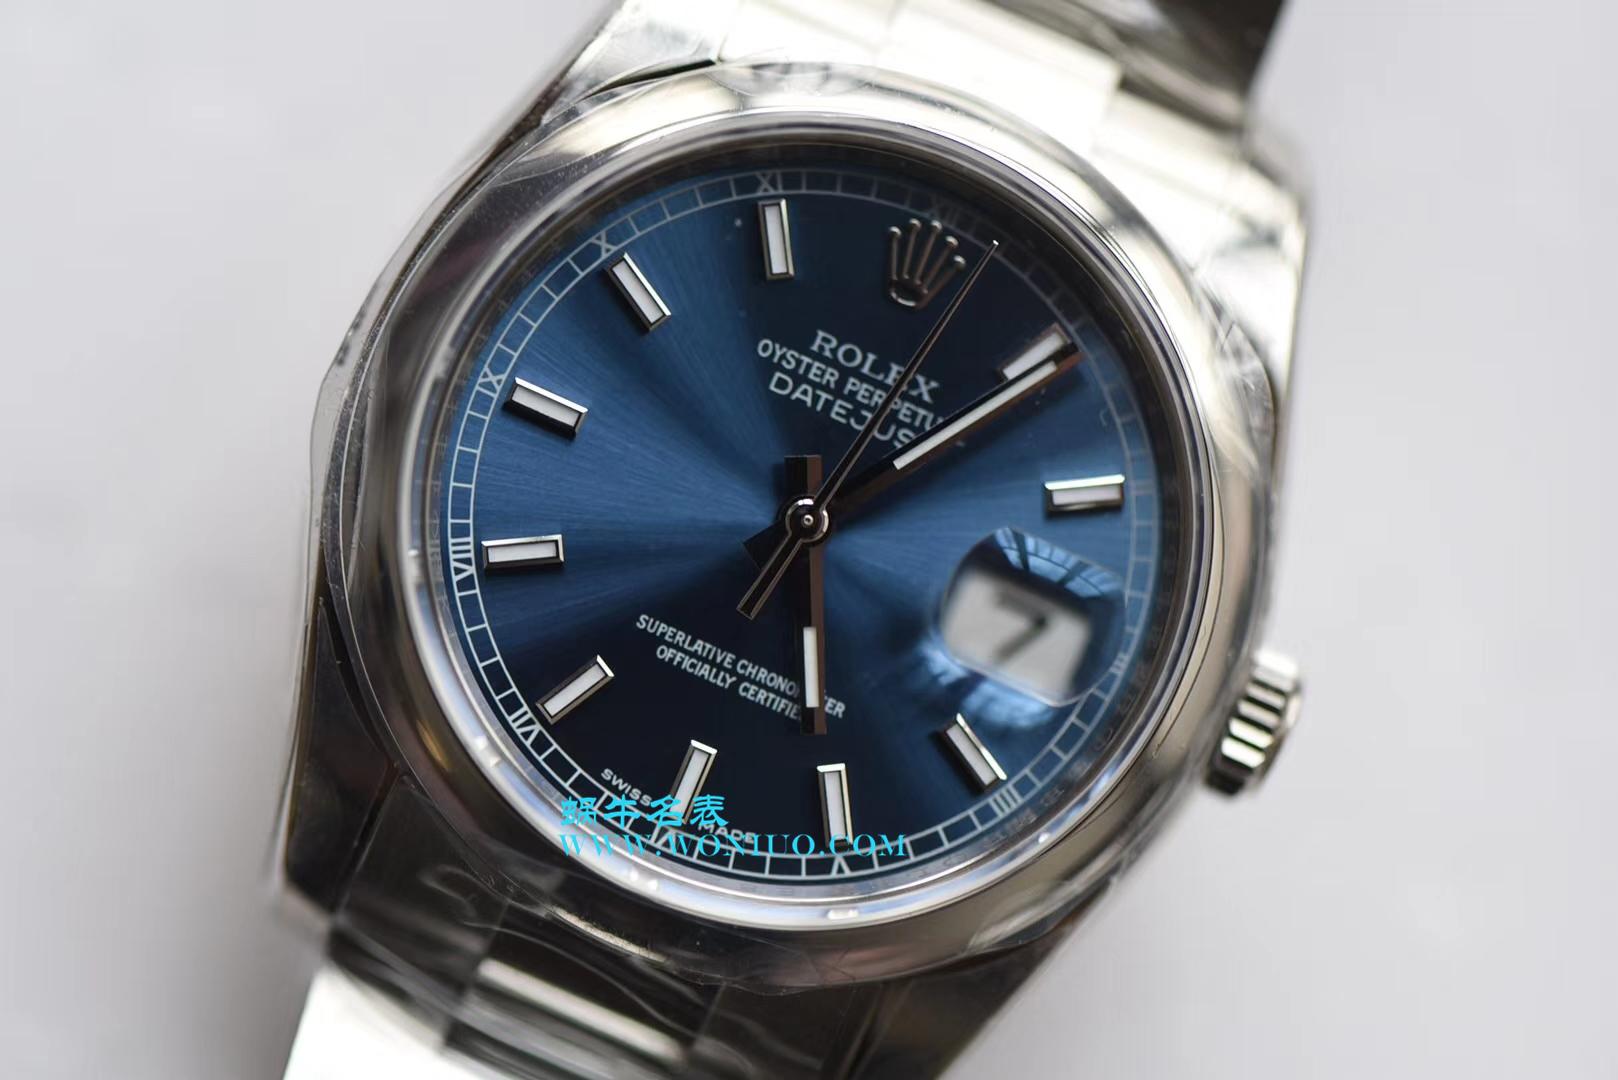 【AR一比一超A高仿手表】劳力士日志型系列116200-72600蓝盘36毫米中性腕表男女均可戴 / R207